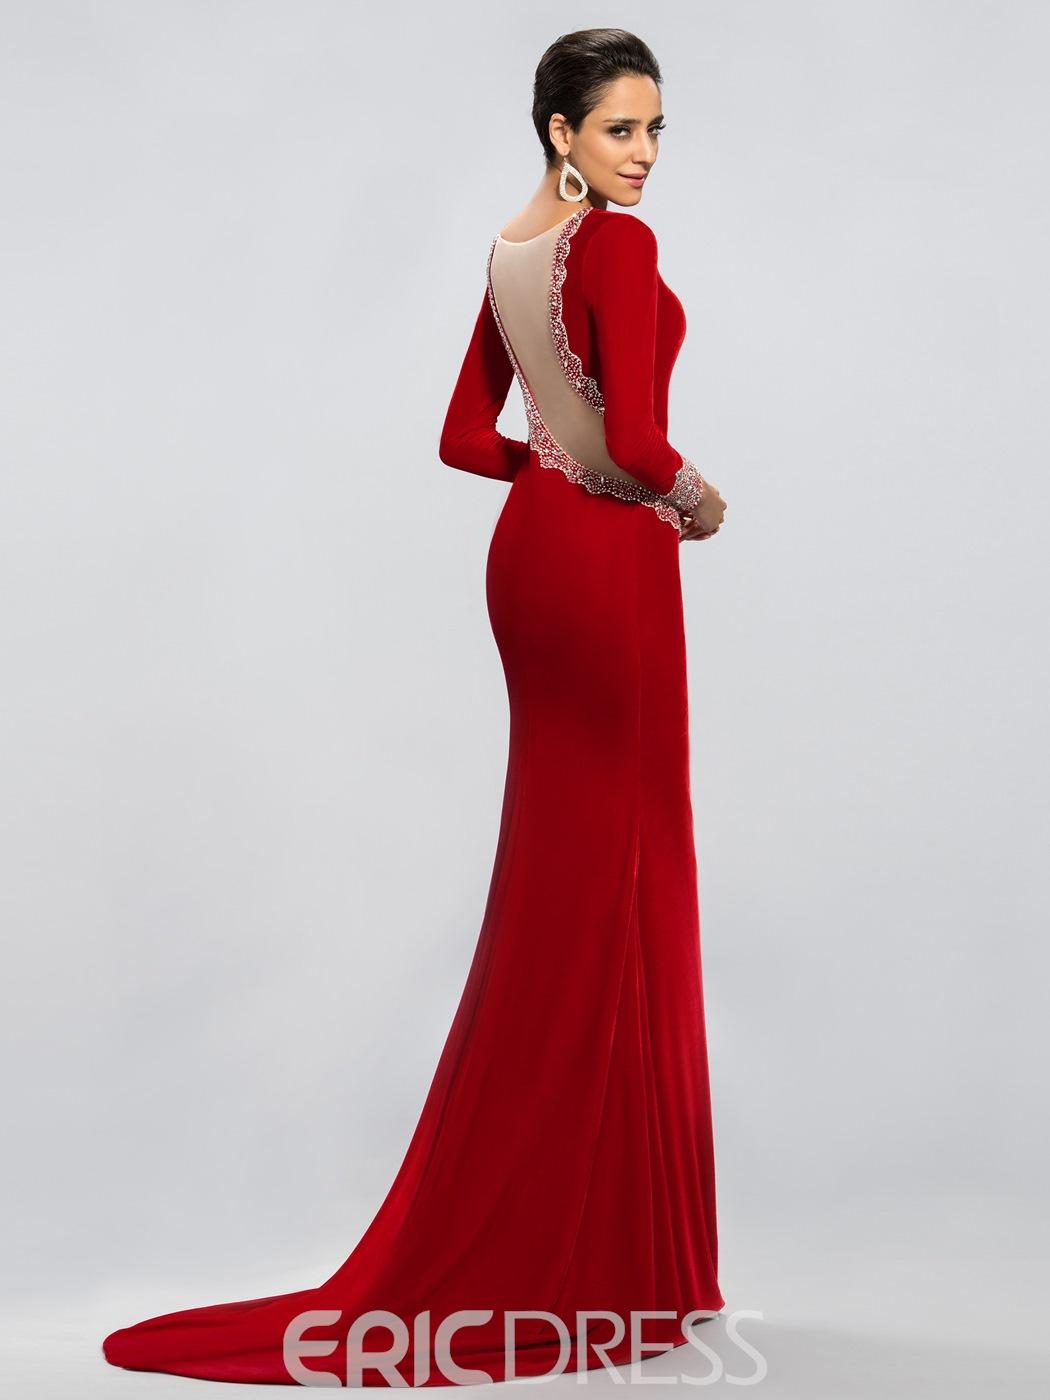 casual elegant dresses photo - 1